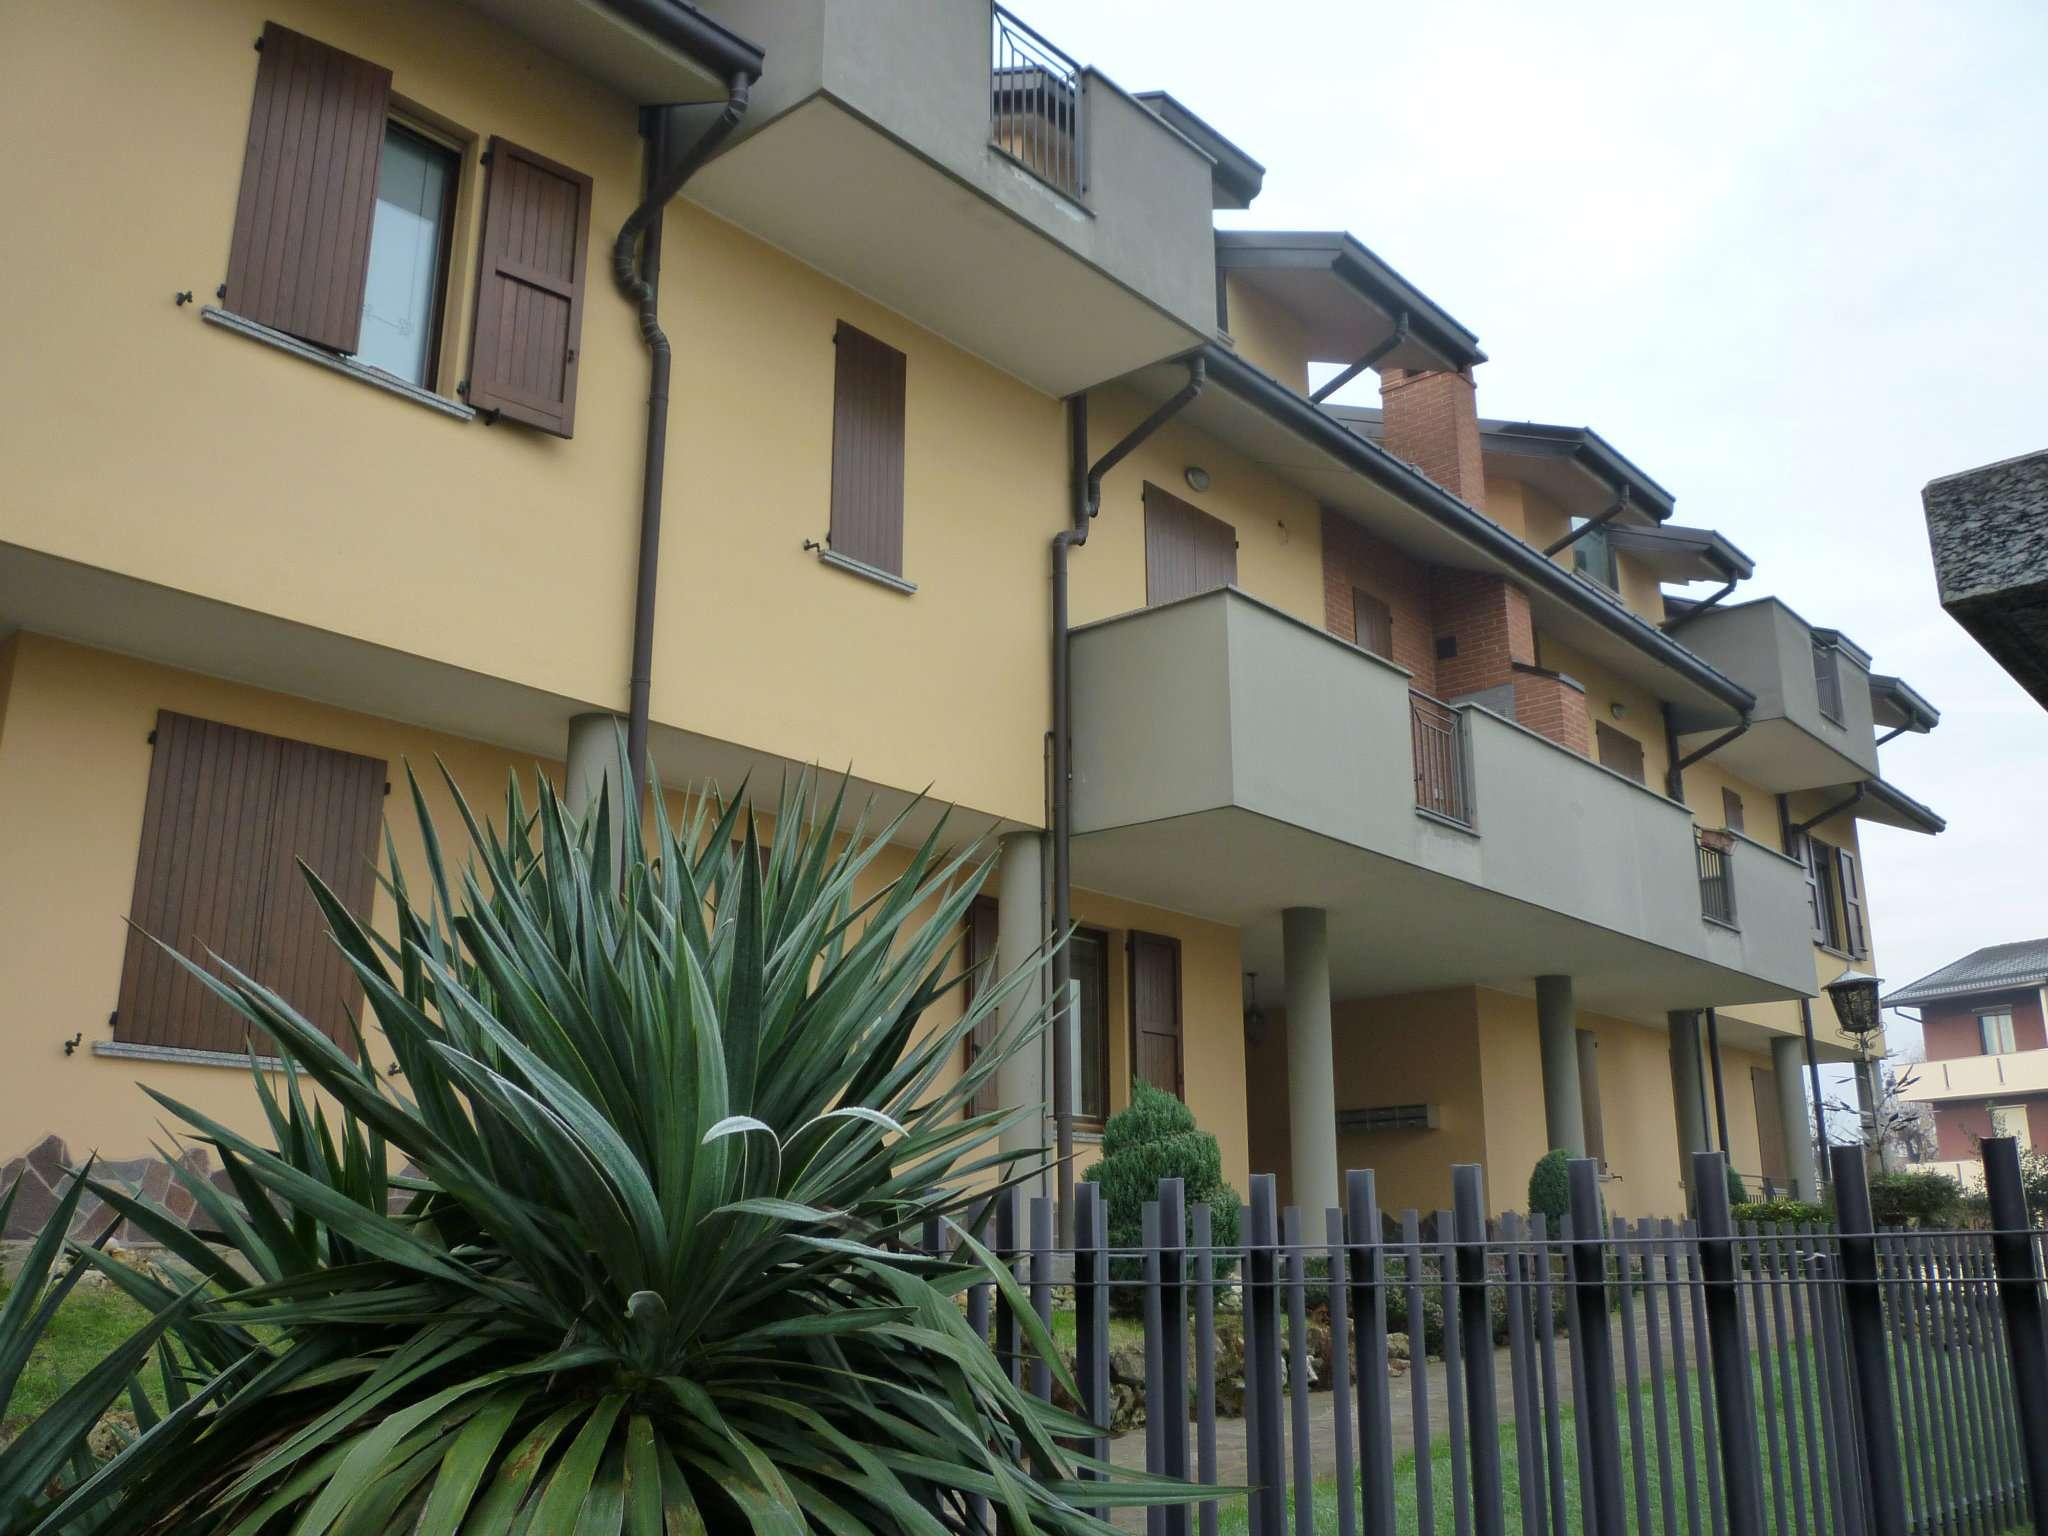 Attico / Mansarda in affitto a Aicurzio, 3 locali, prezzo € 600 | Cambio Casa.it